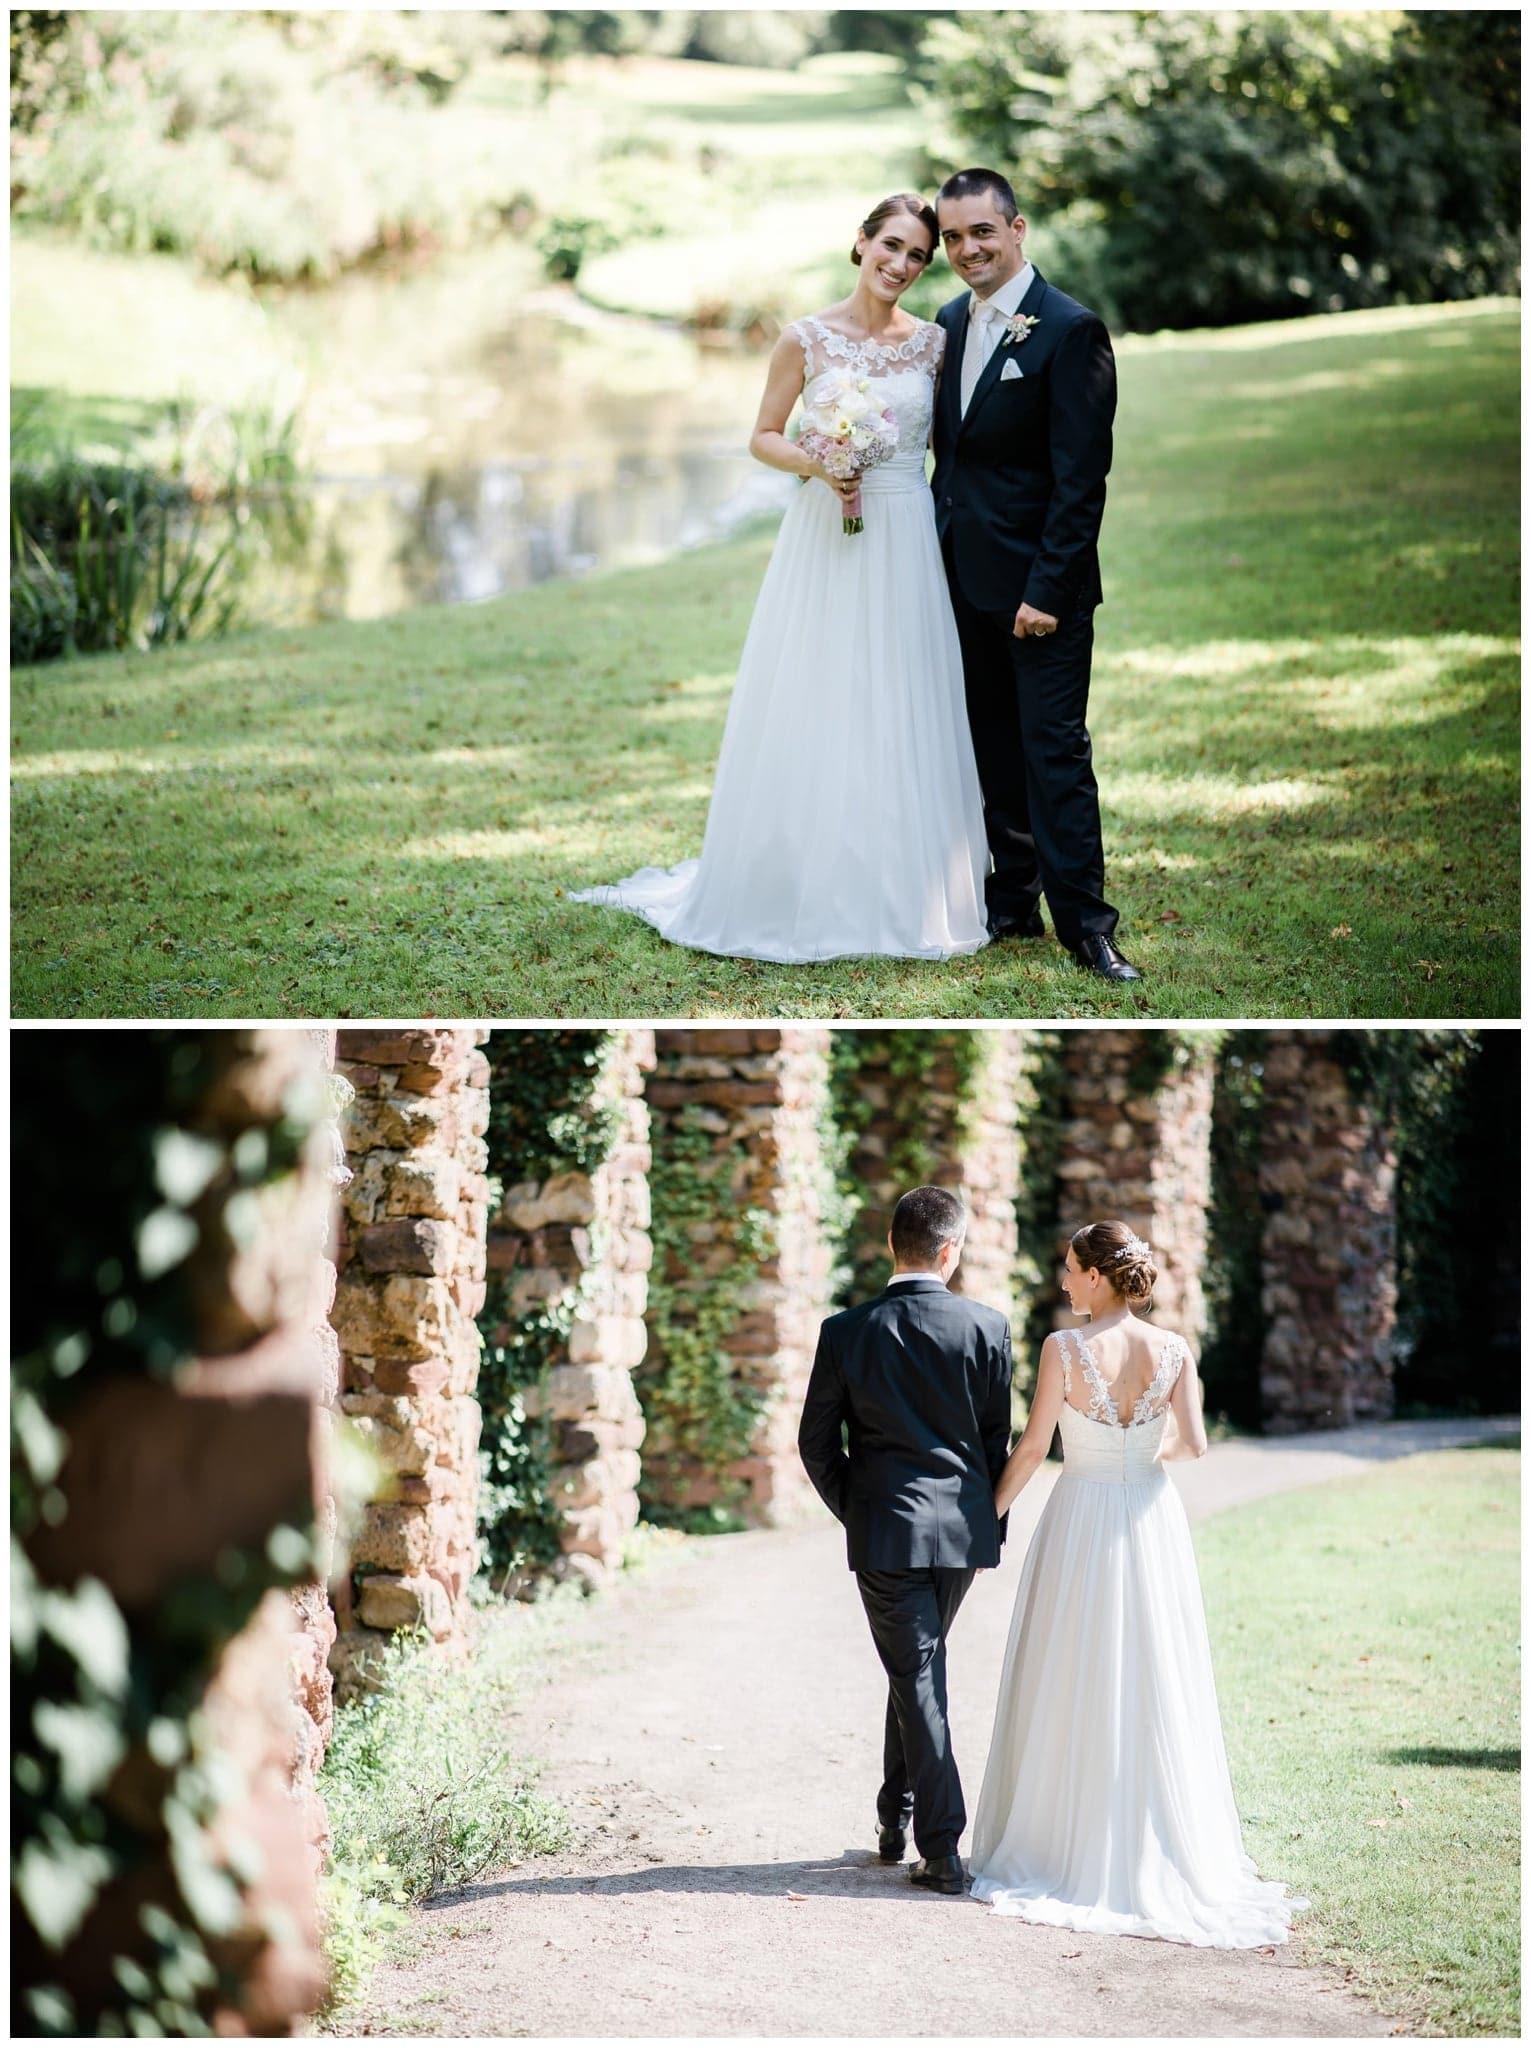 Laura und Cristian @mamawedding11